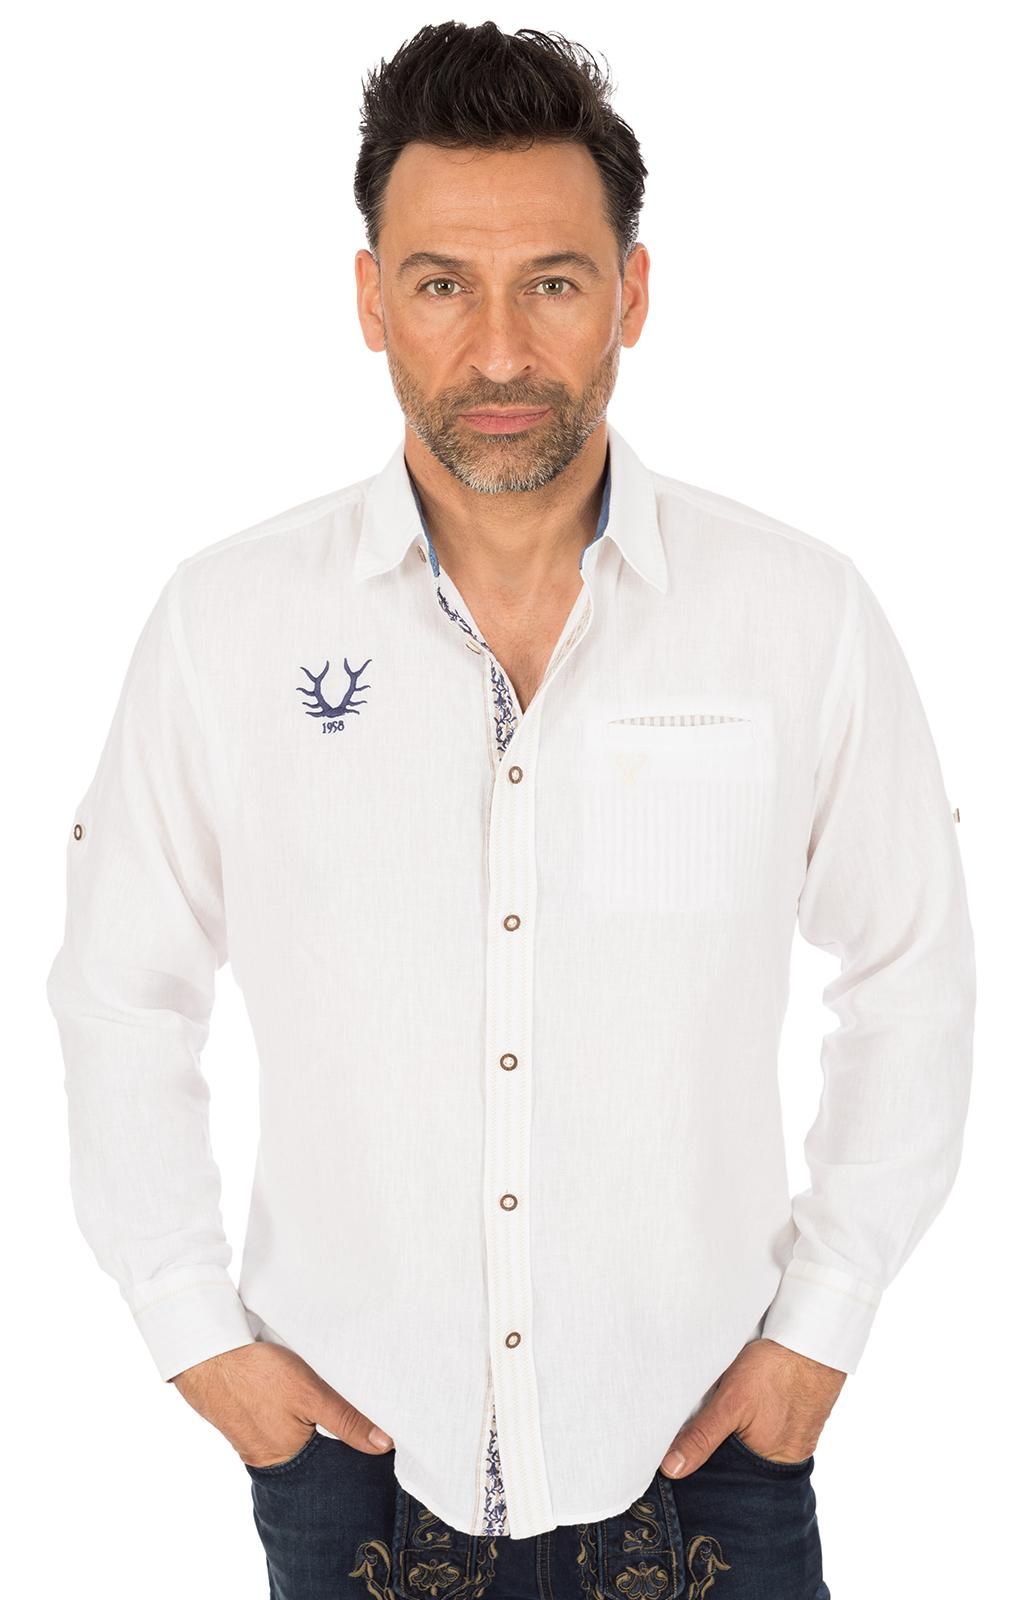 Trachtenhemd JANNIS Baumwolle weiss blau von Krüger Dirndl